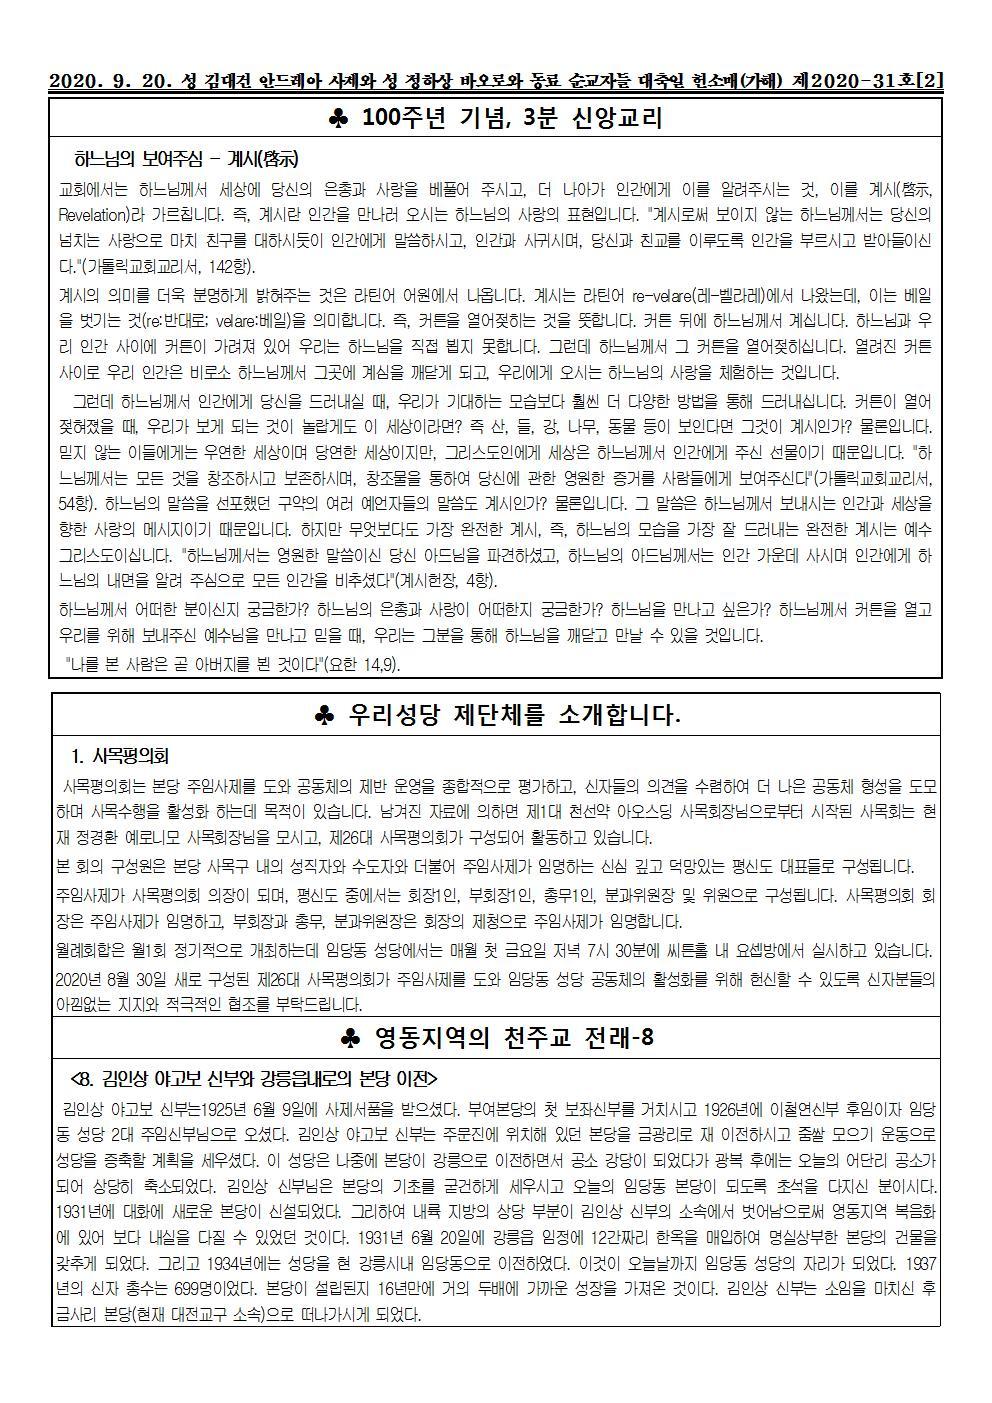 제2020-제31호성김대건안드레아사제와성정하상바오로와동료순교자들대축일헌소매002.jpg